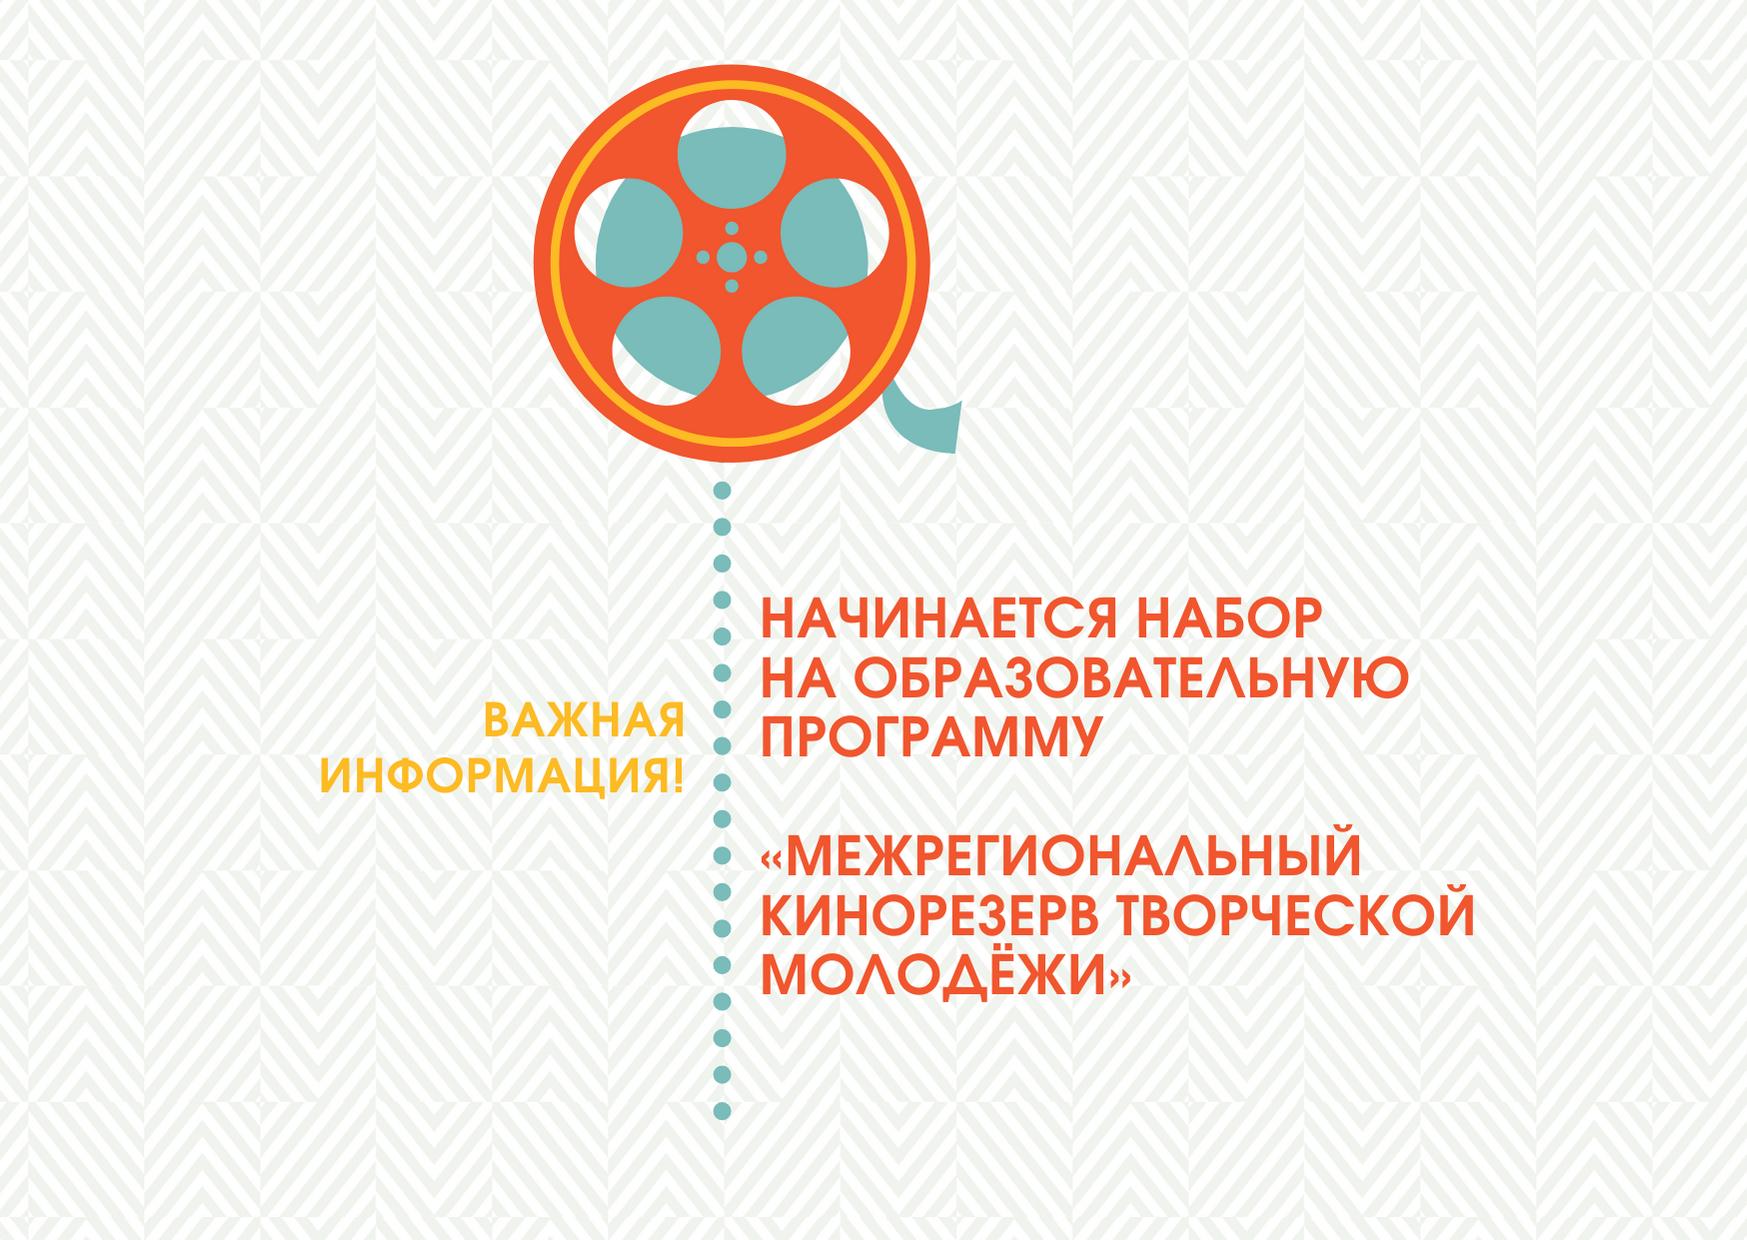 Проф. переподготовка с Киноотделом: получи диплом СПбГИ КиТ!